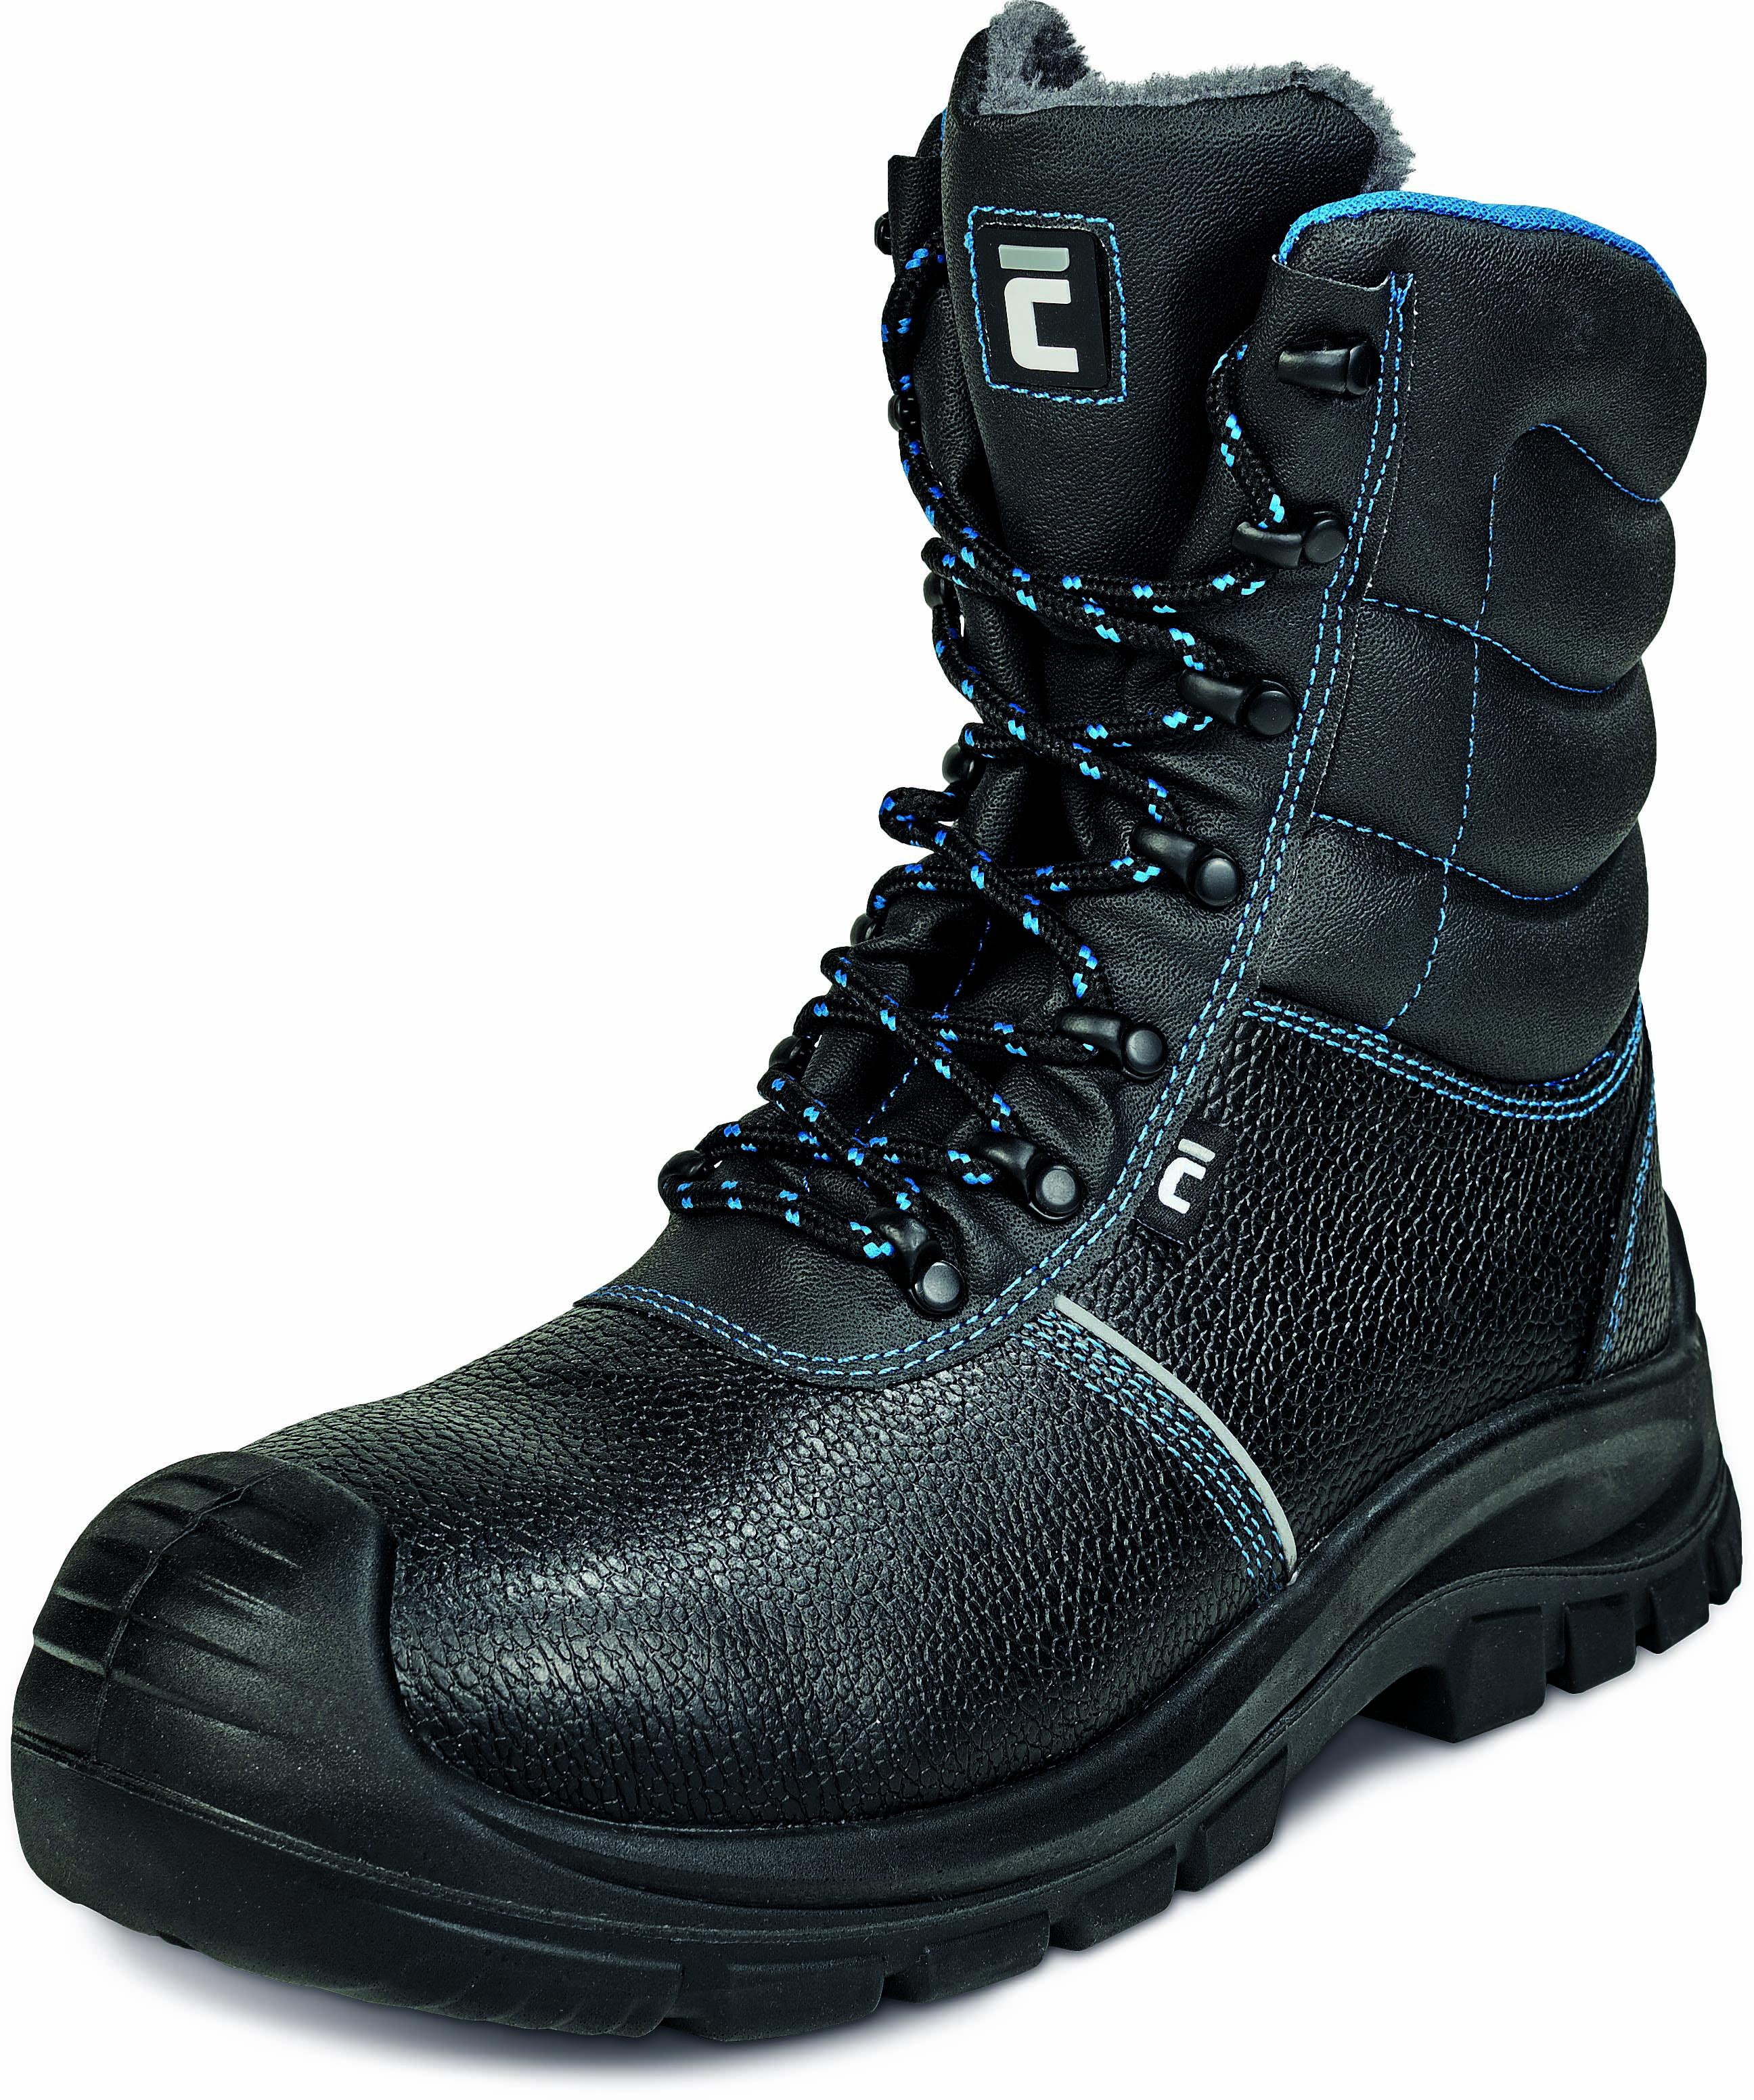 RAVEN XT poloholeňová O2 CI zimní obuv prac. 2041506 38